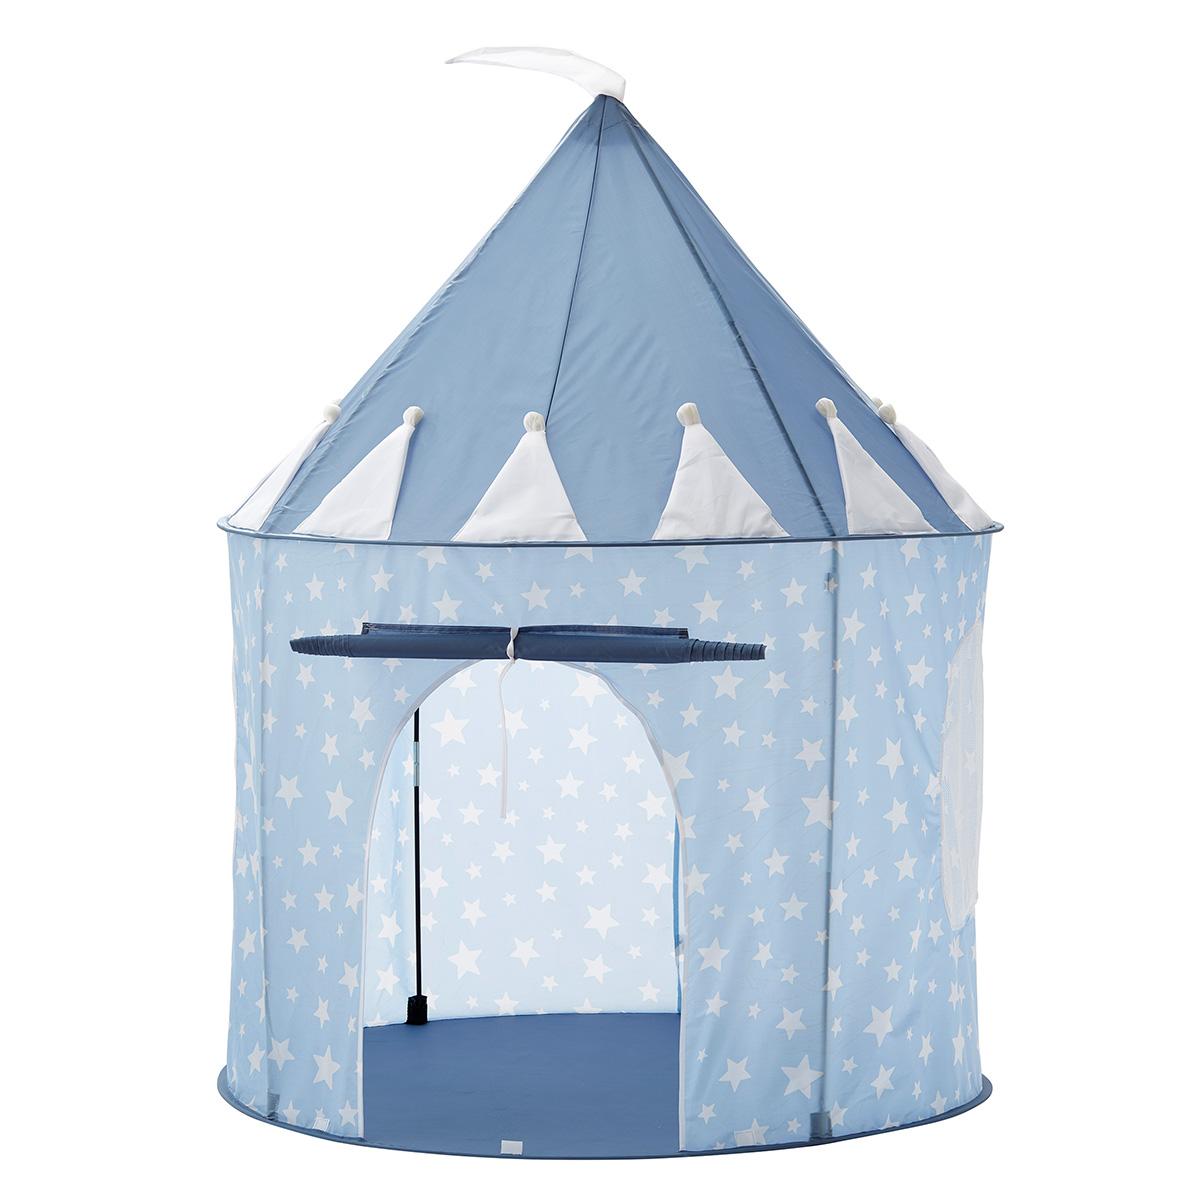 Billede af Kids Concept legetelt - Blå